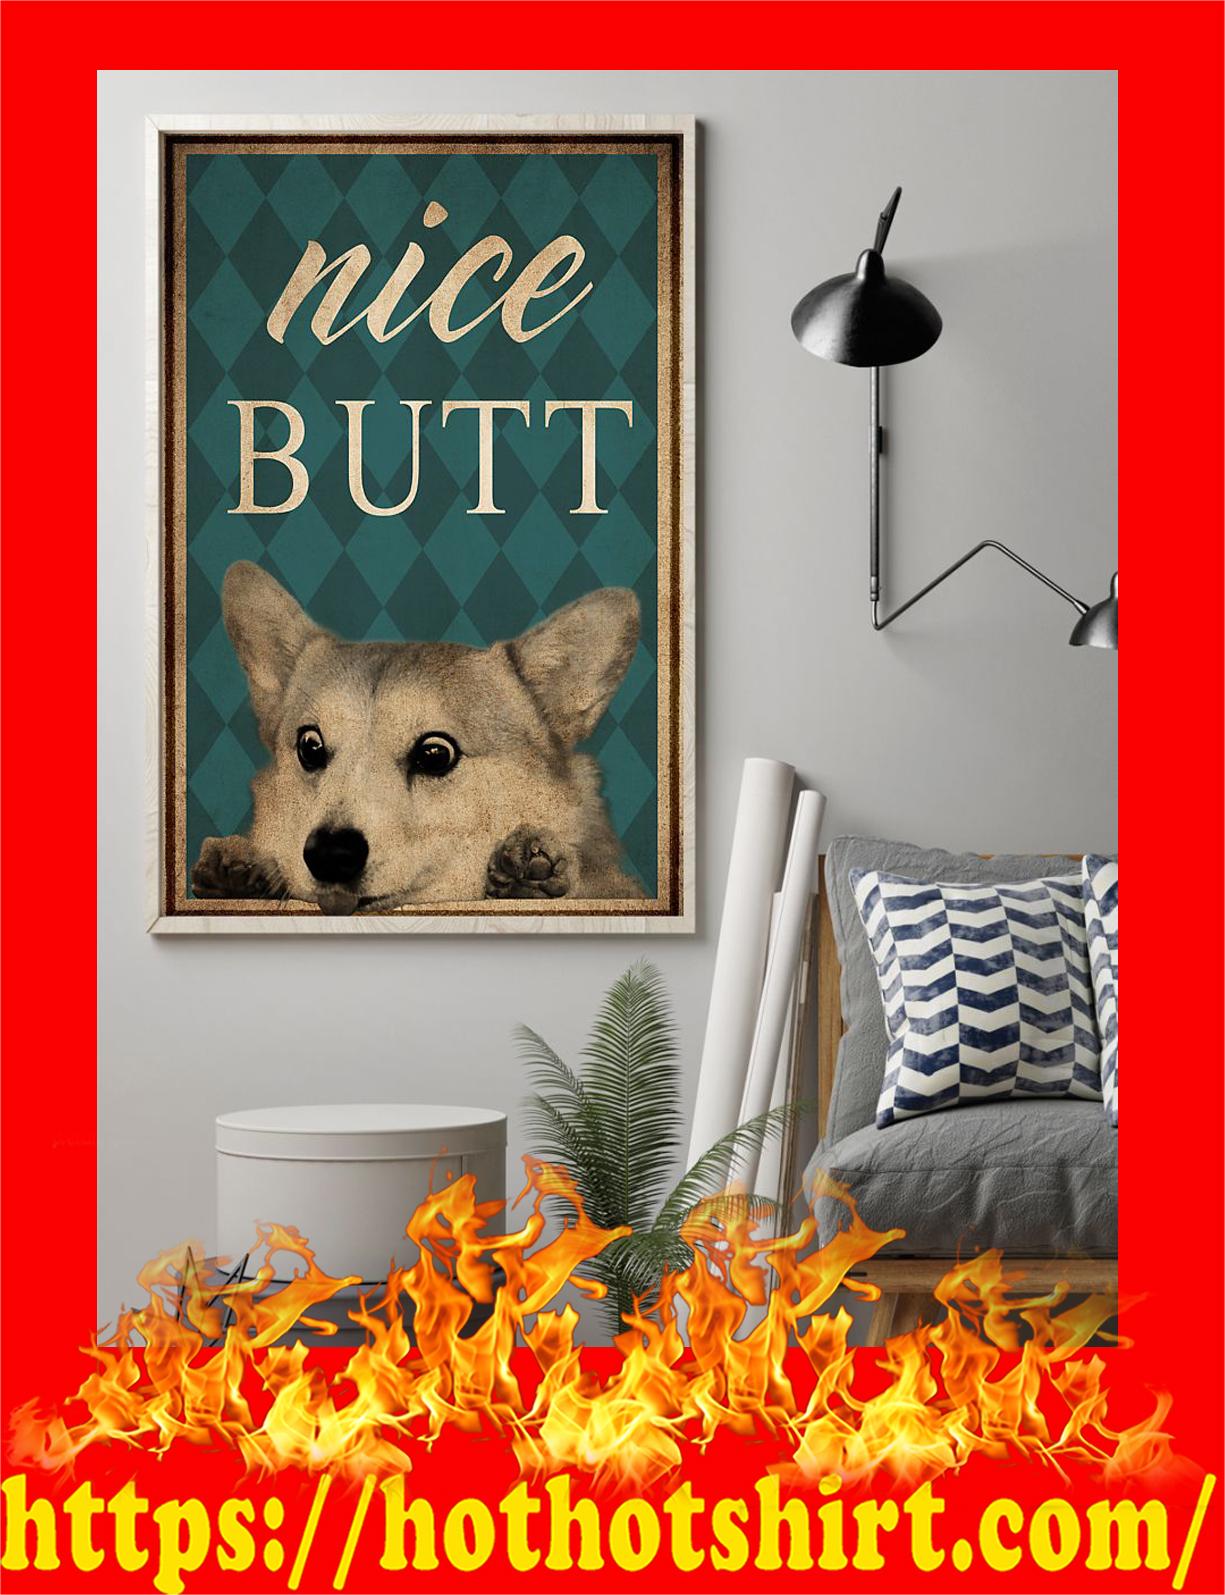 Dog corgi nice butt poster - pic 1